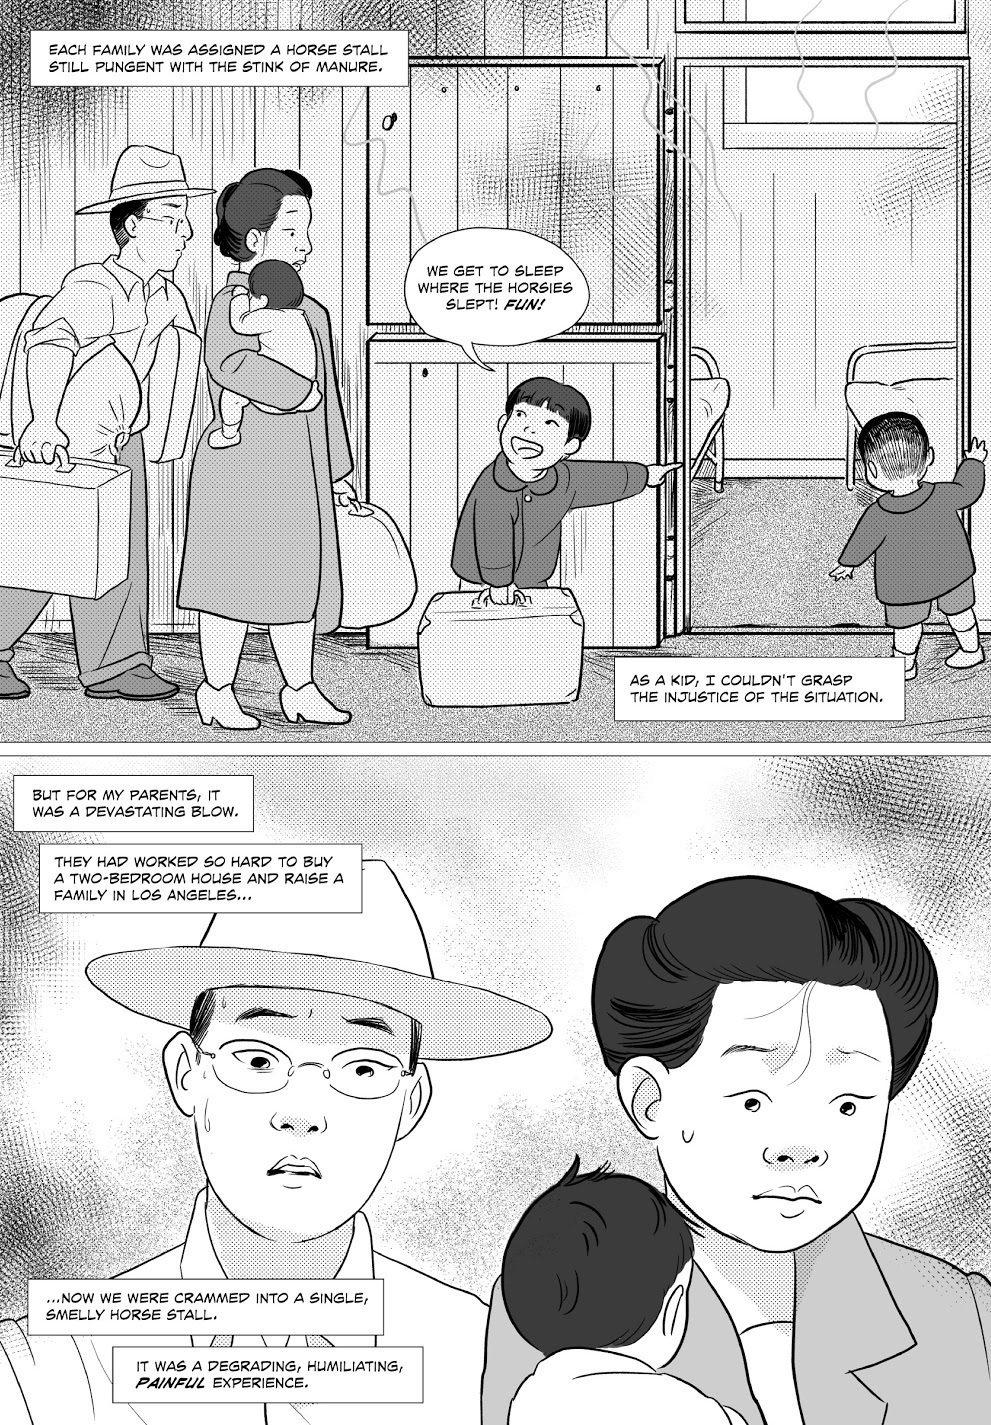 透過小喬治和弟弟天真無邪的視點,對比父母拼命想在孩子面前隱藏內心的擔憂和焦慮的表現,來呈現當時日裔美國人對未來命運的恐懼和茫然。 圖/《他們稱我們為敵人》